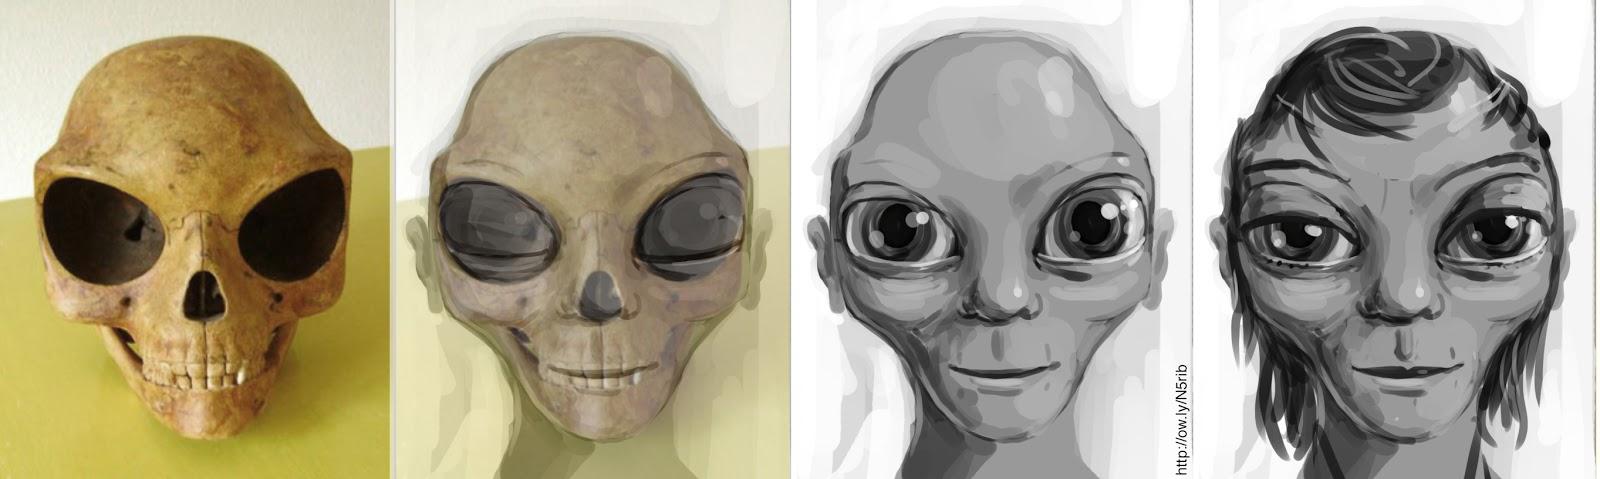 El Misterio de la Calavera «Alienígena» de Sealand